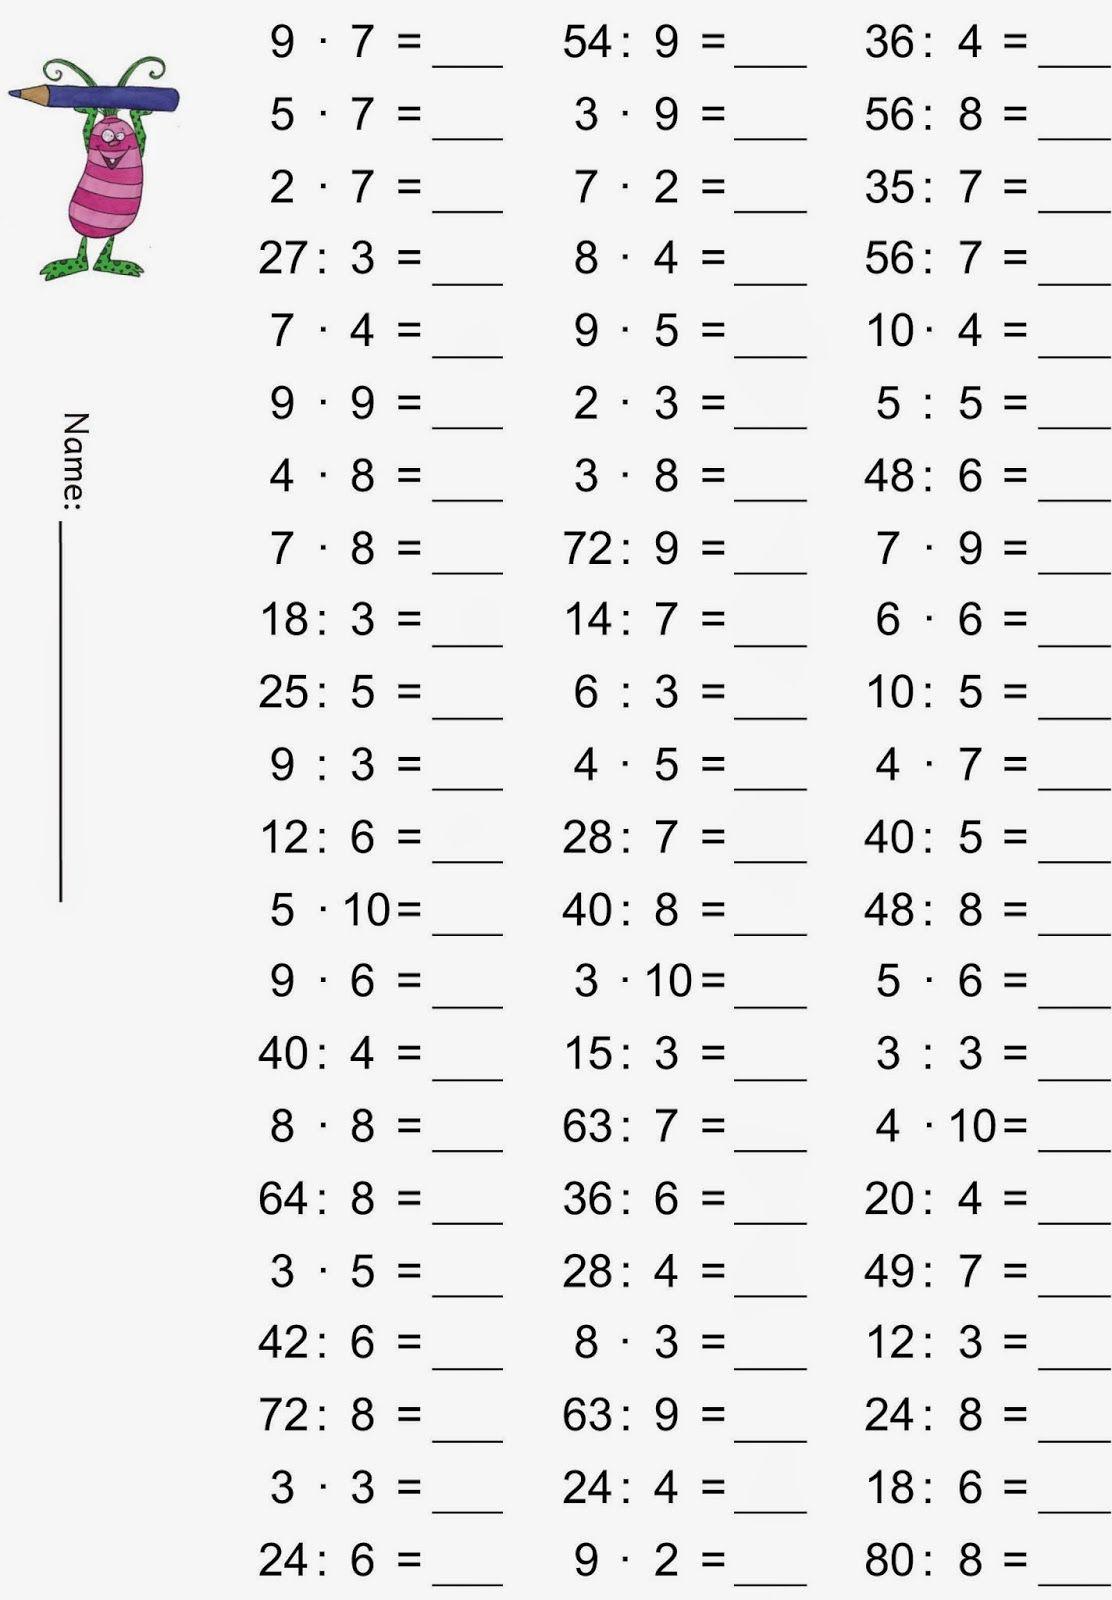 Einmaleins - gemischte Übungsaufgaben | matek | Pinterest | Math ...